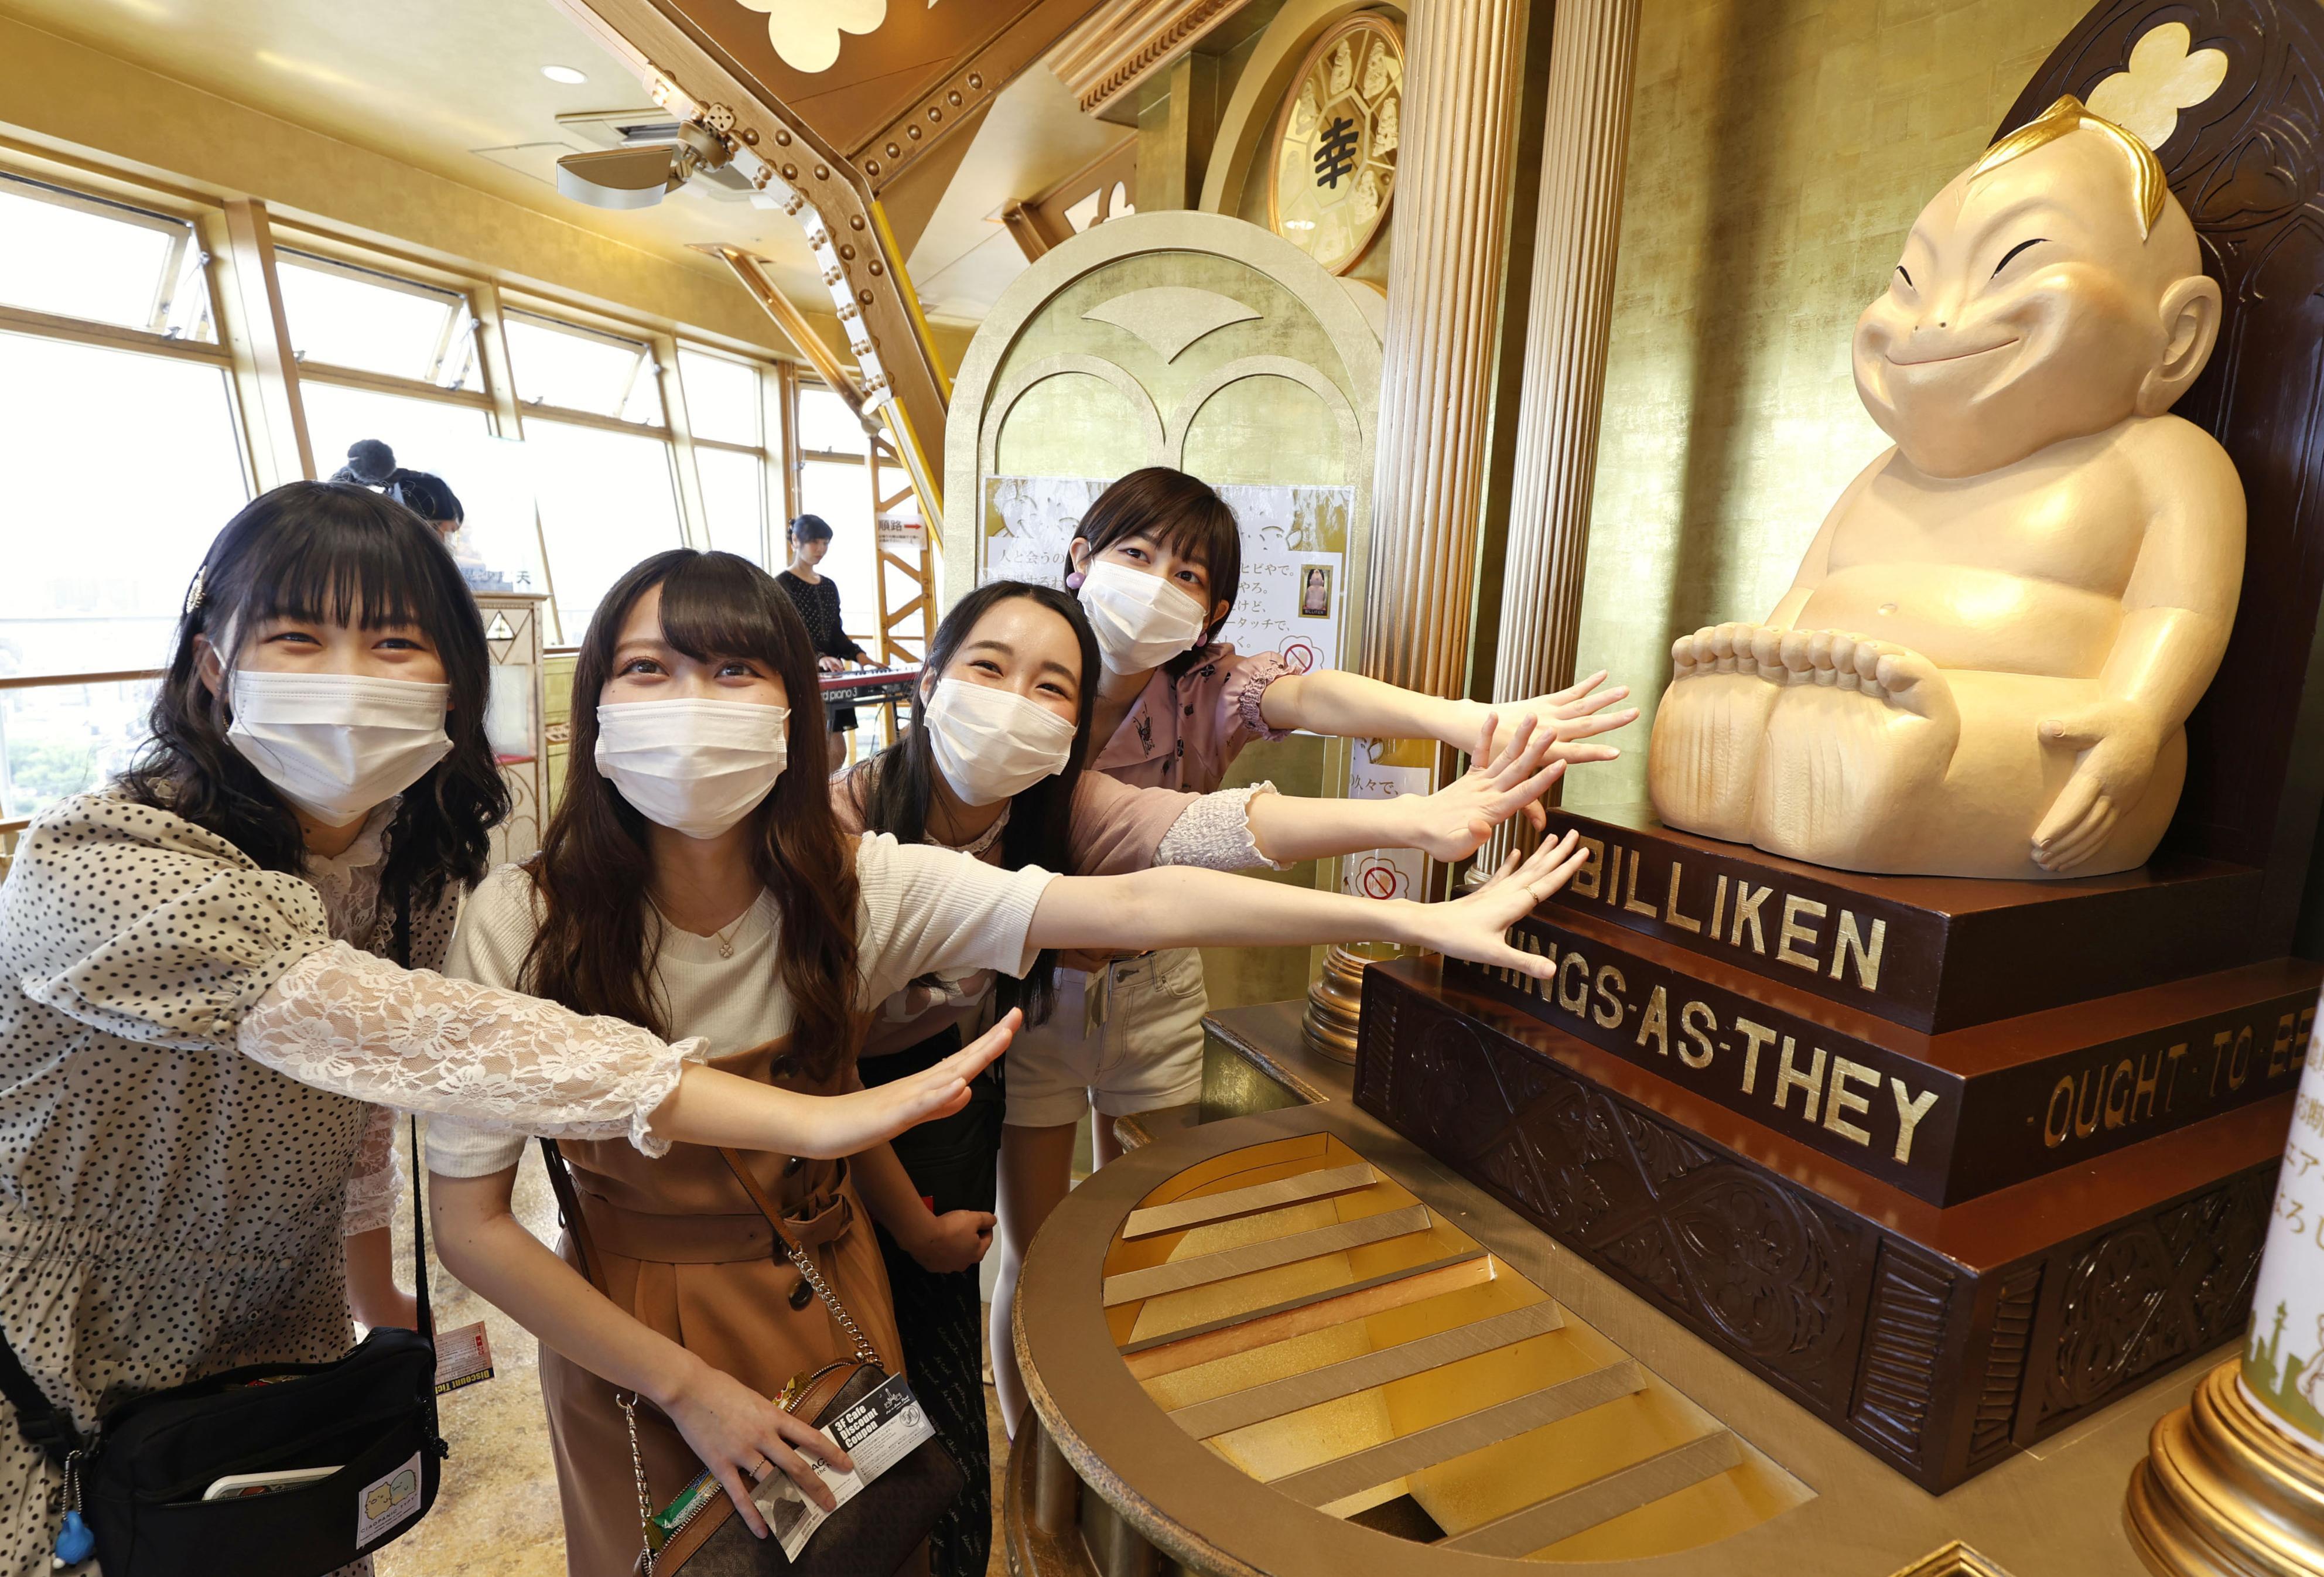 営業が再開された「通天閣」展望台でビリケンさんにエアタッチし笑顔の女性たち=30日午前、大阪市